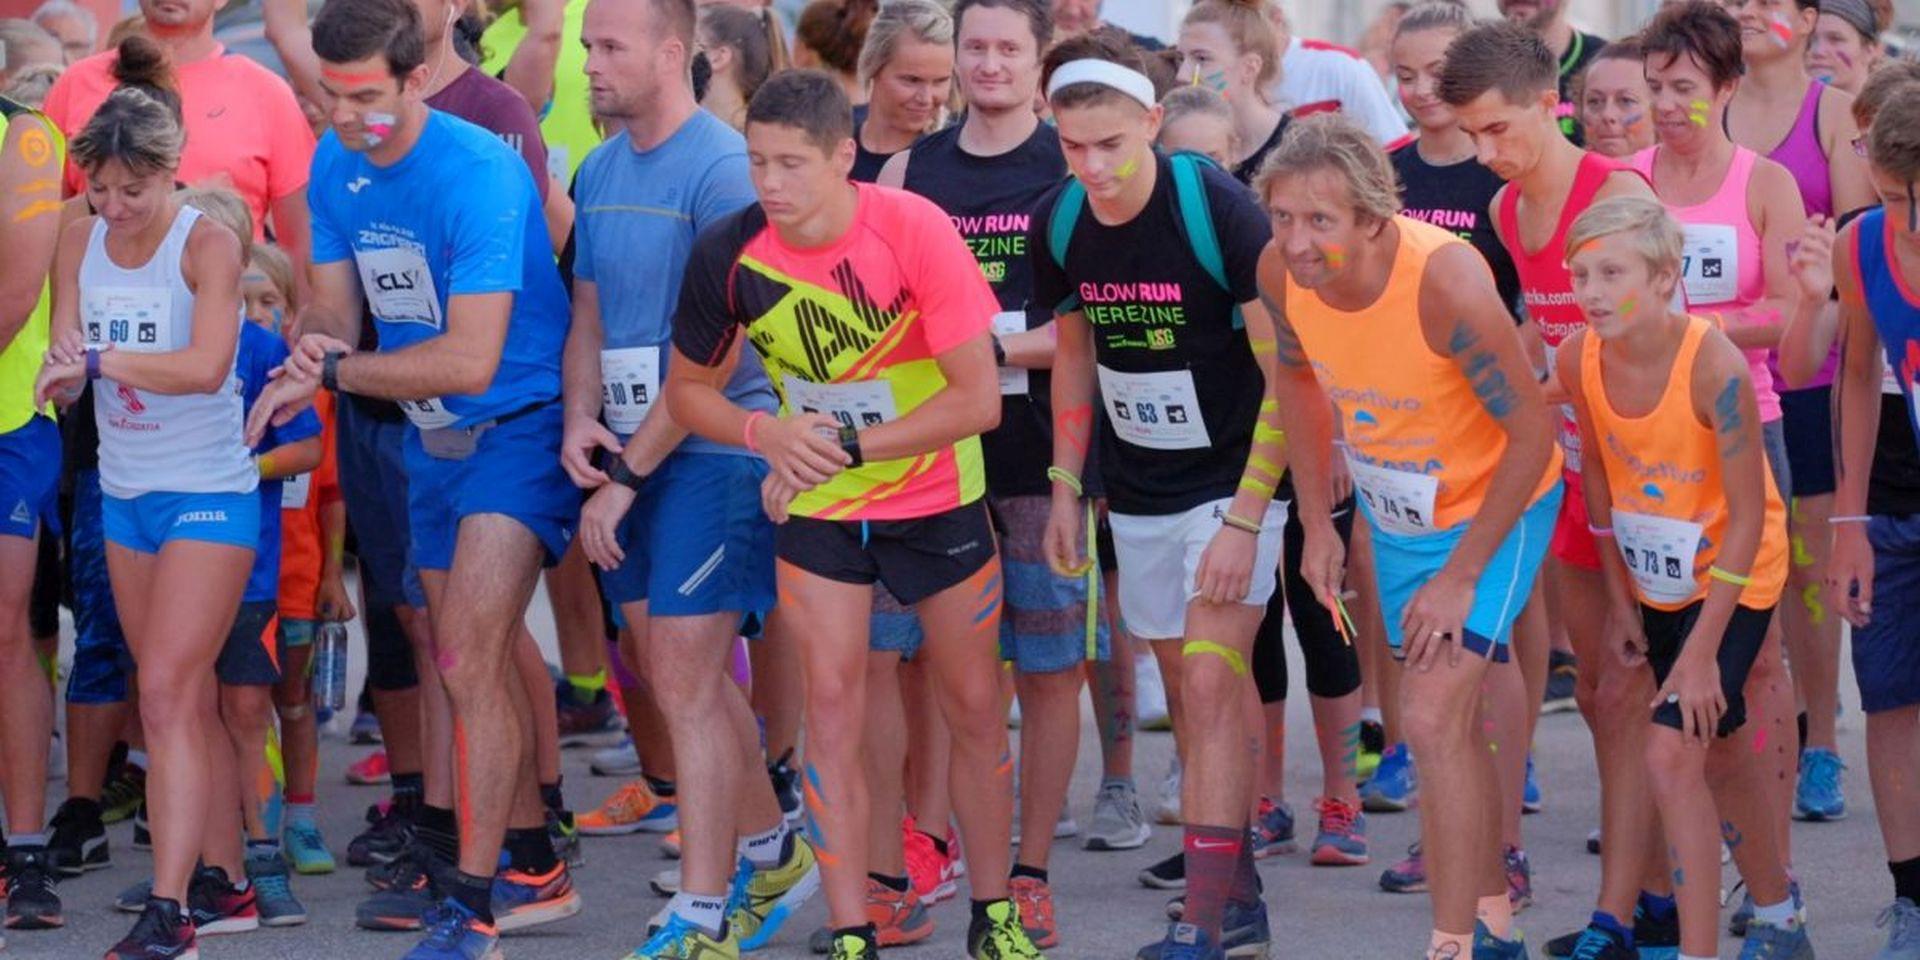 GLOW RUN NEREZINE Trkači iz 10 zemalja na jednoj od najljeprših utrka na Jadranu